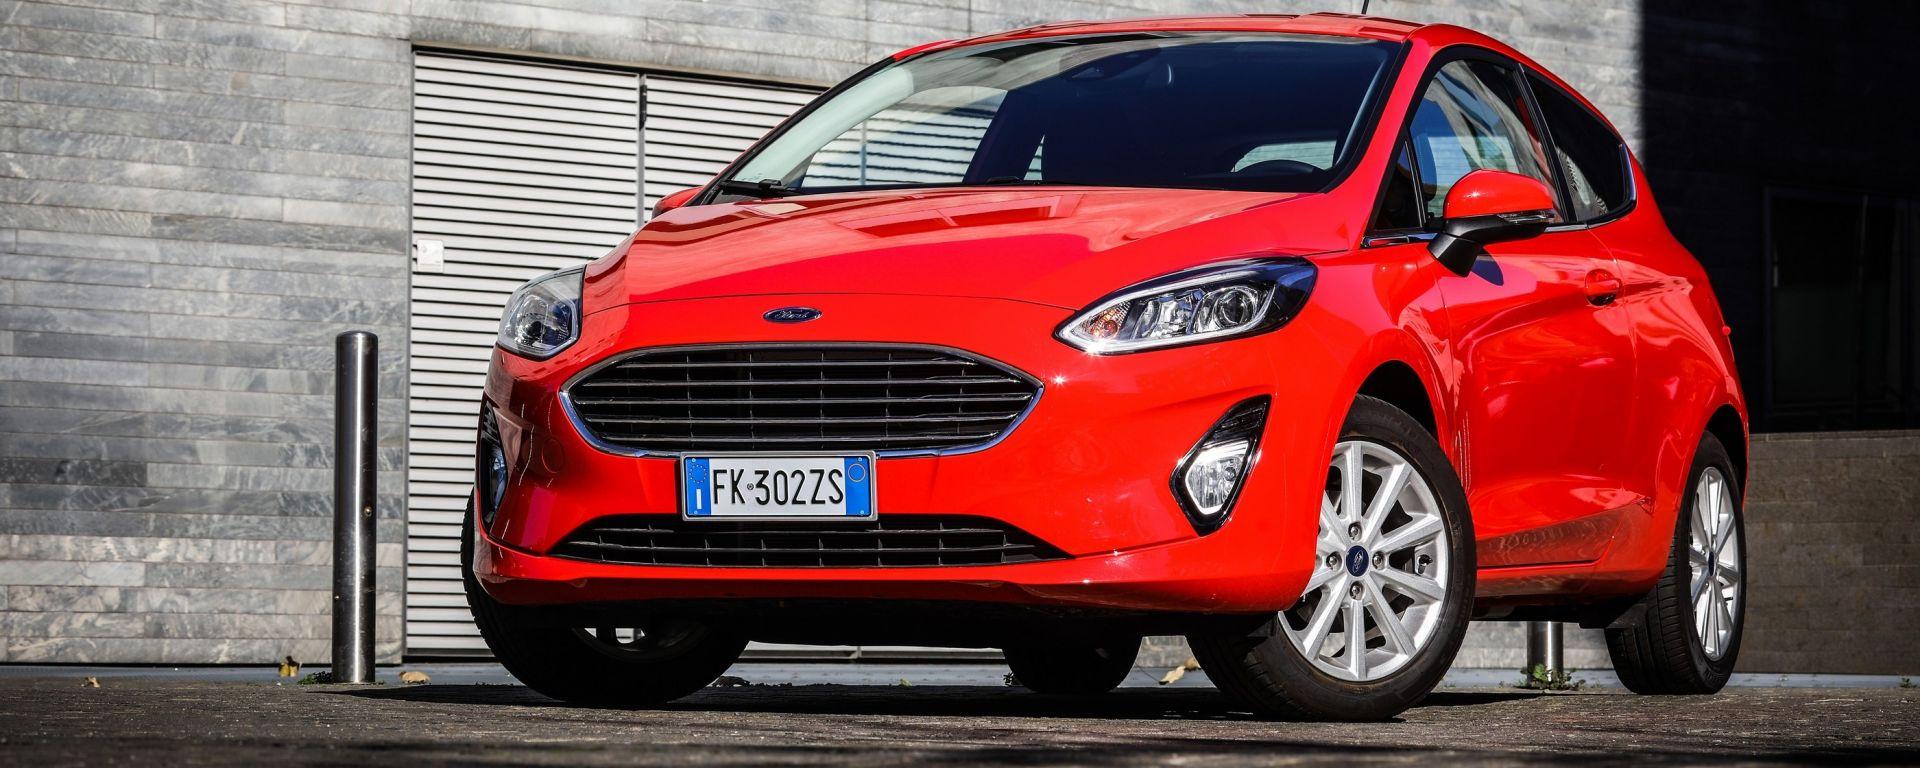 Fiesta: un film di successo e quel rifiuto di Ford